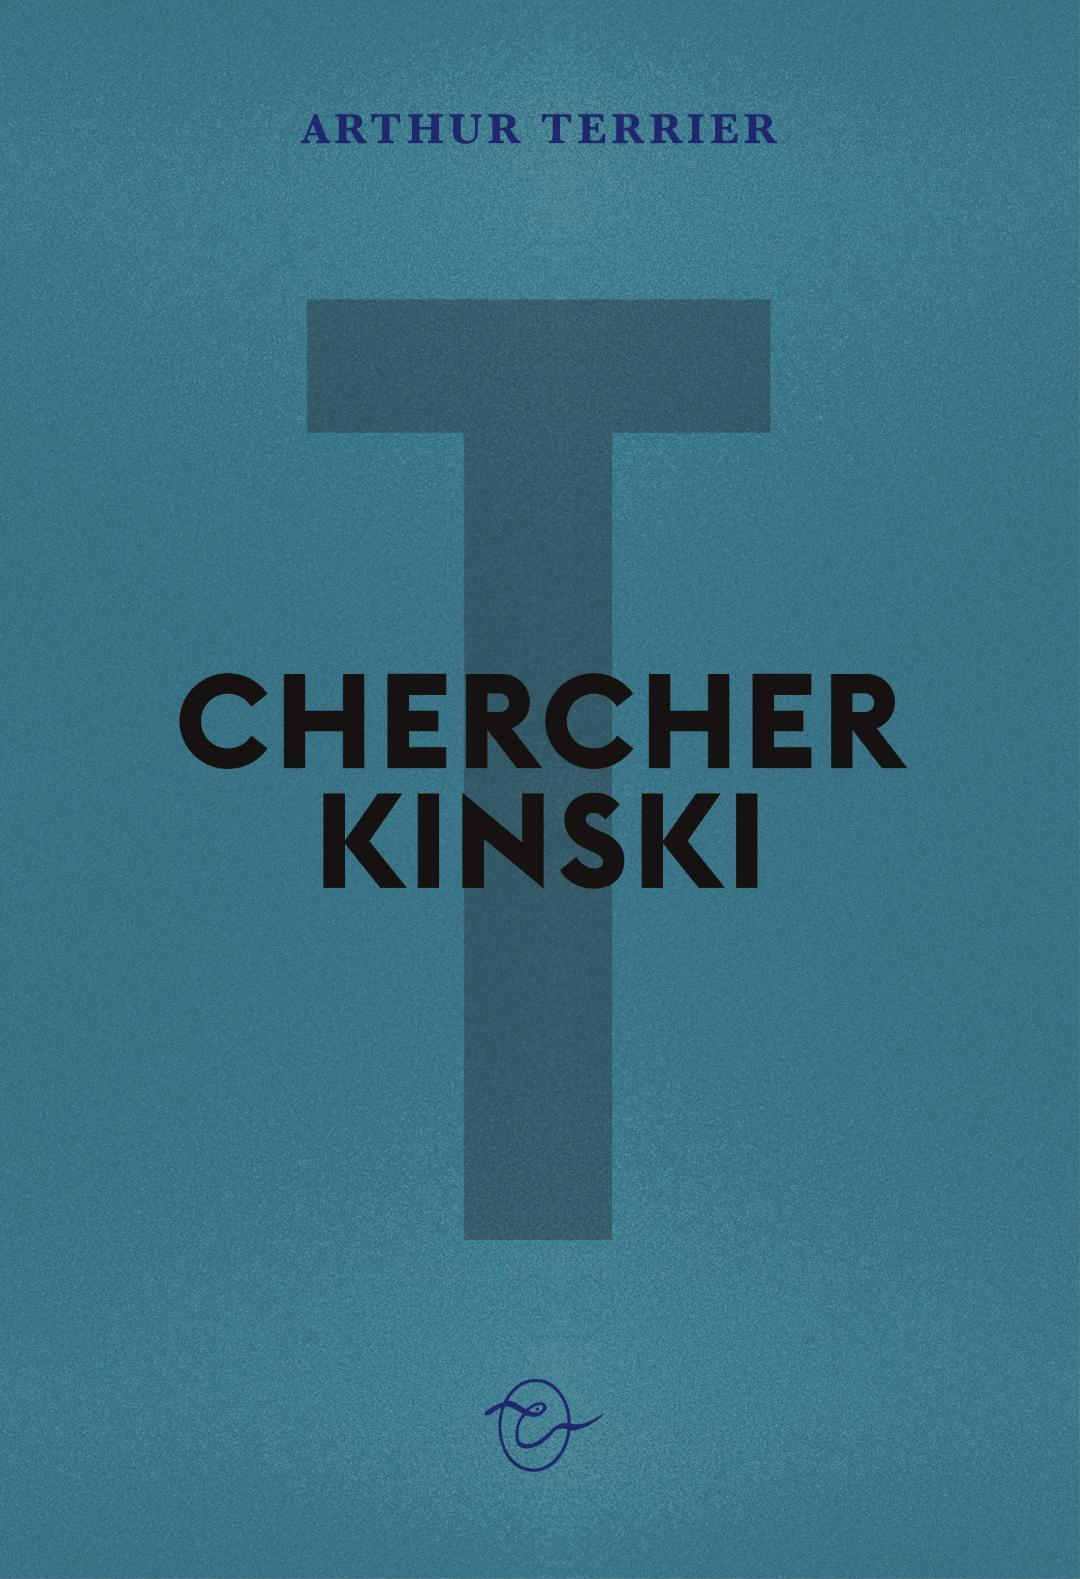 CHERCHER KINSKI